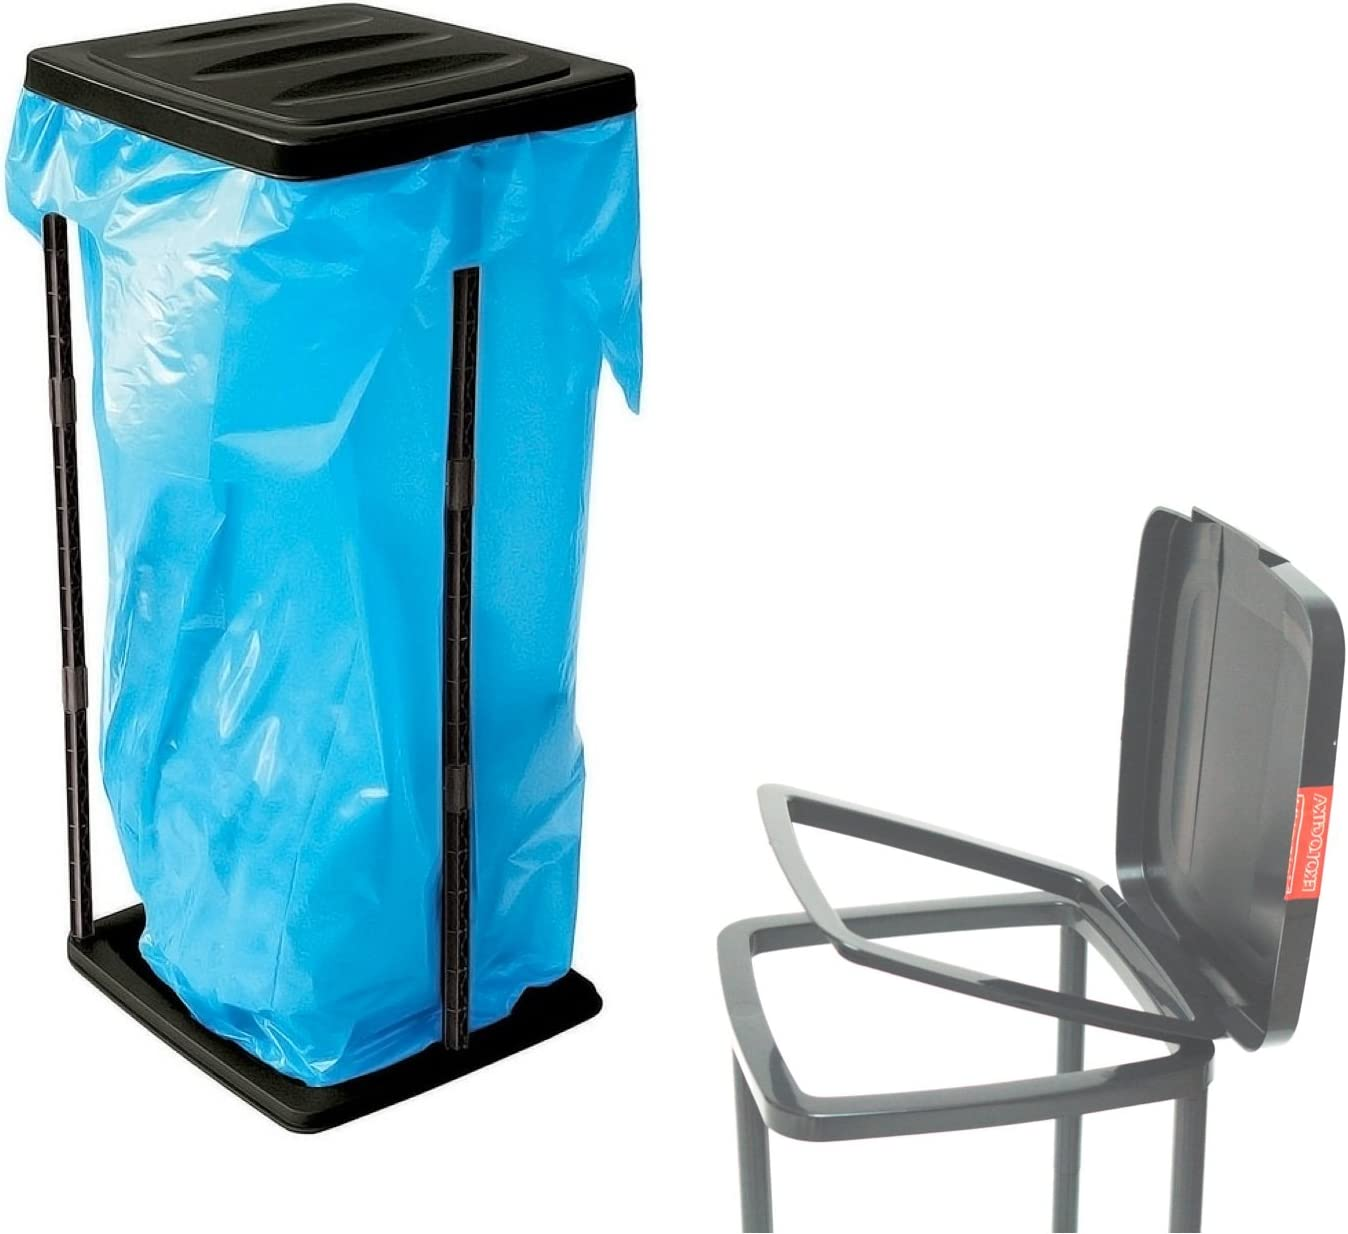 Ständer für Abfallsack Müllsack Müllsackständer Müllbeutelständer Abfall 120L